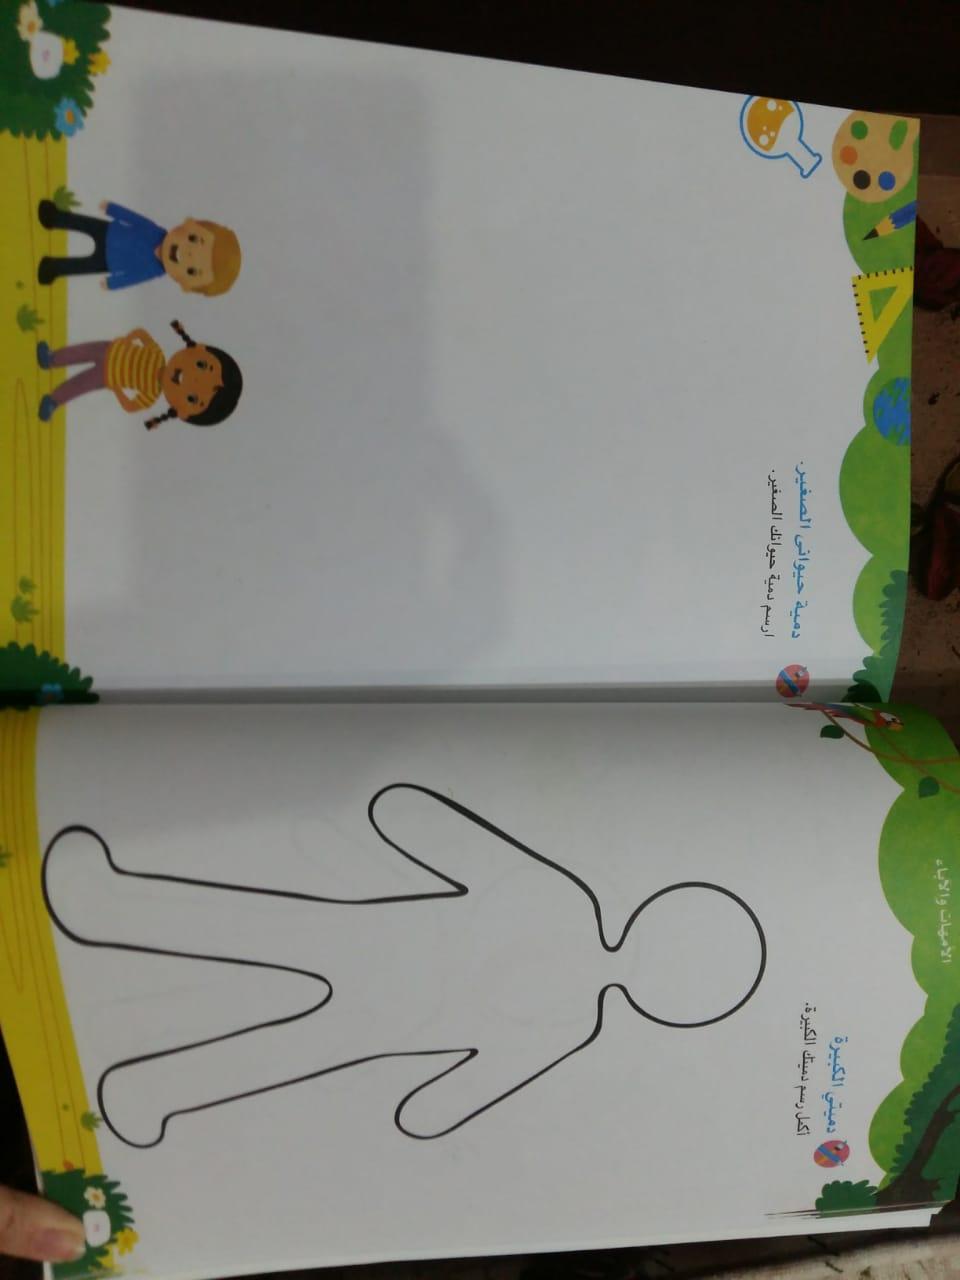 منهج رياض الأطفال الجديد (53)